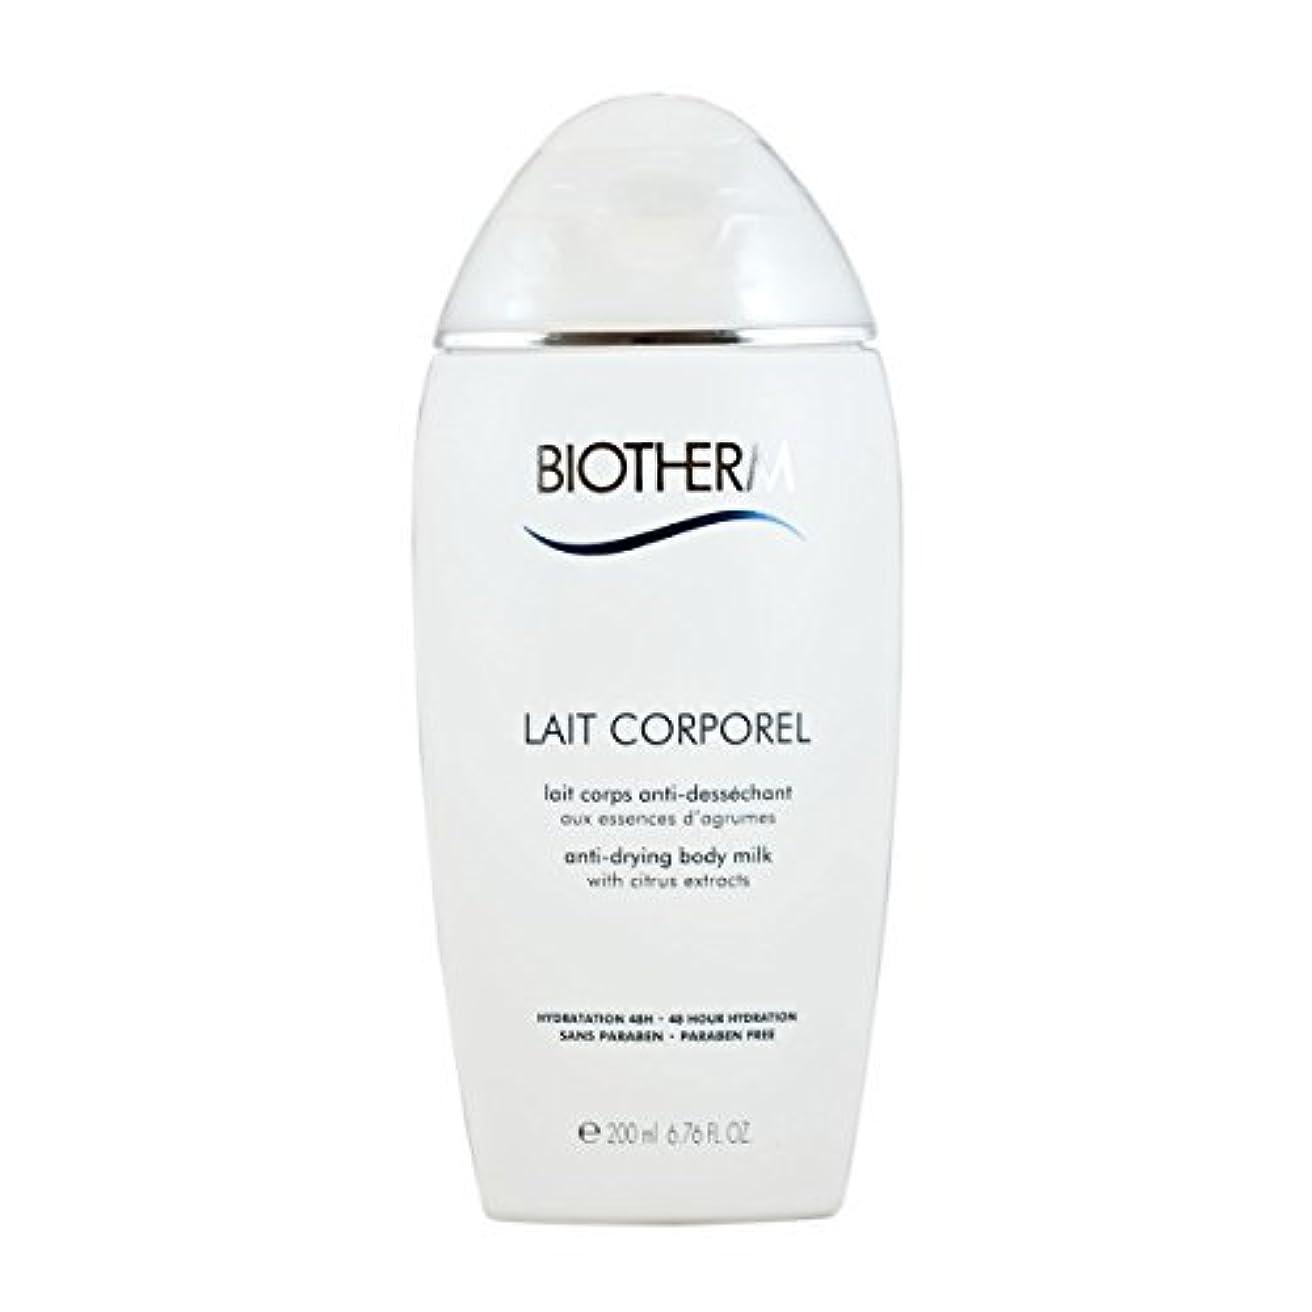 アルプスはちみつ下手Biotherm Lait Corporel Anti-Drying Body Milk 6.76 Ounce [並行輸入品]